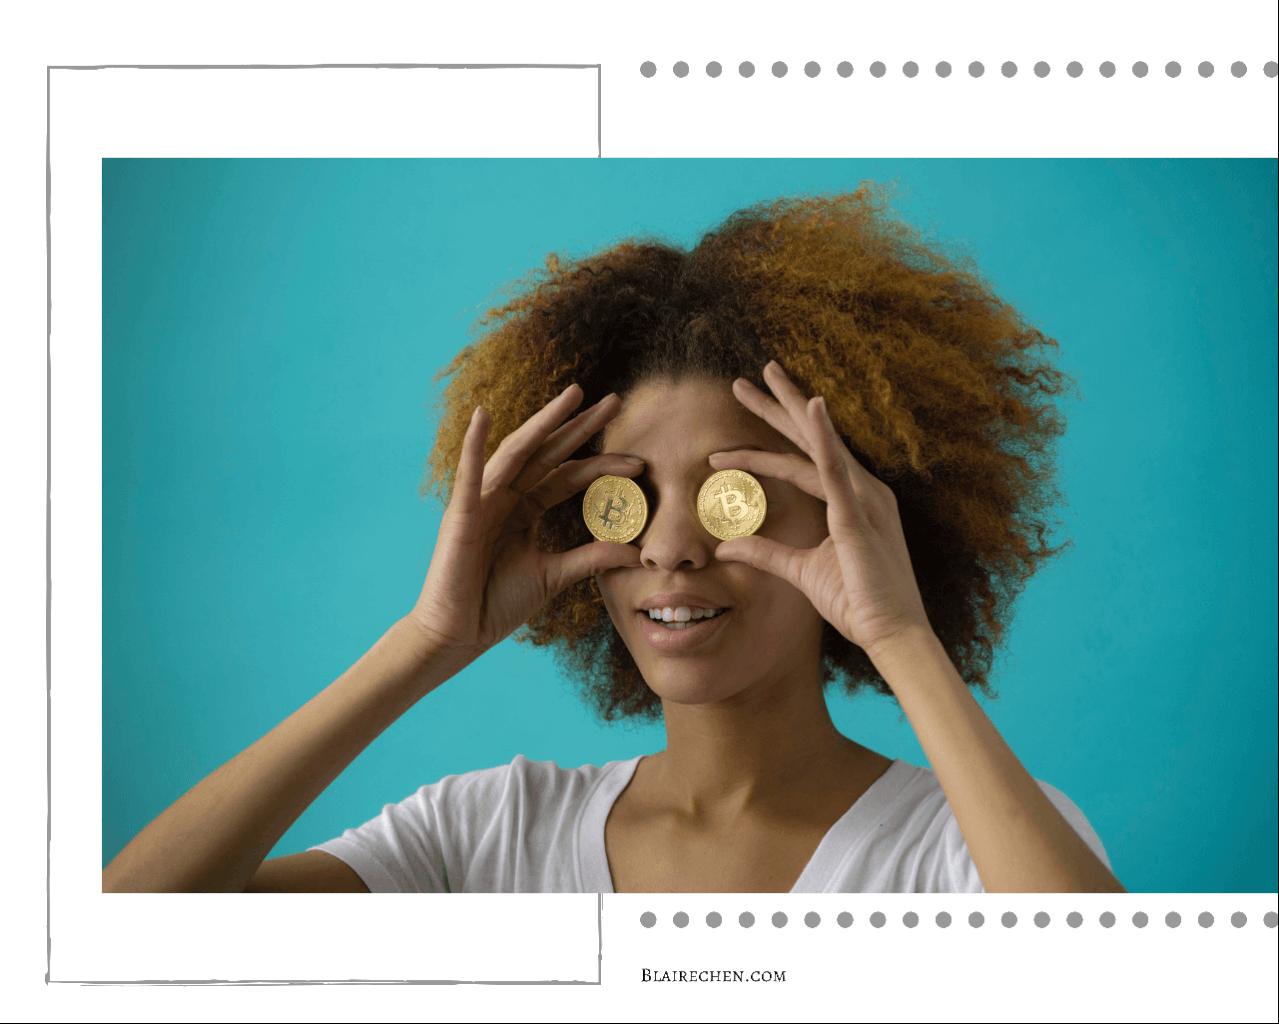 小資女的投資理財法:給你 4 招輕鬆入門好方法,讓你從「零」開始也不怕!!